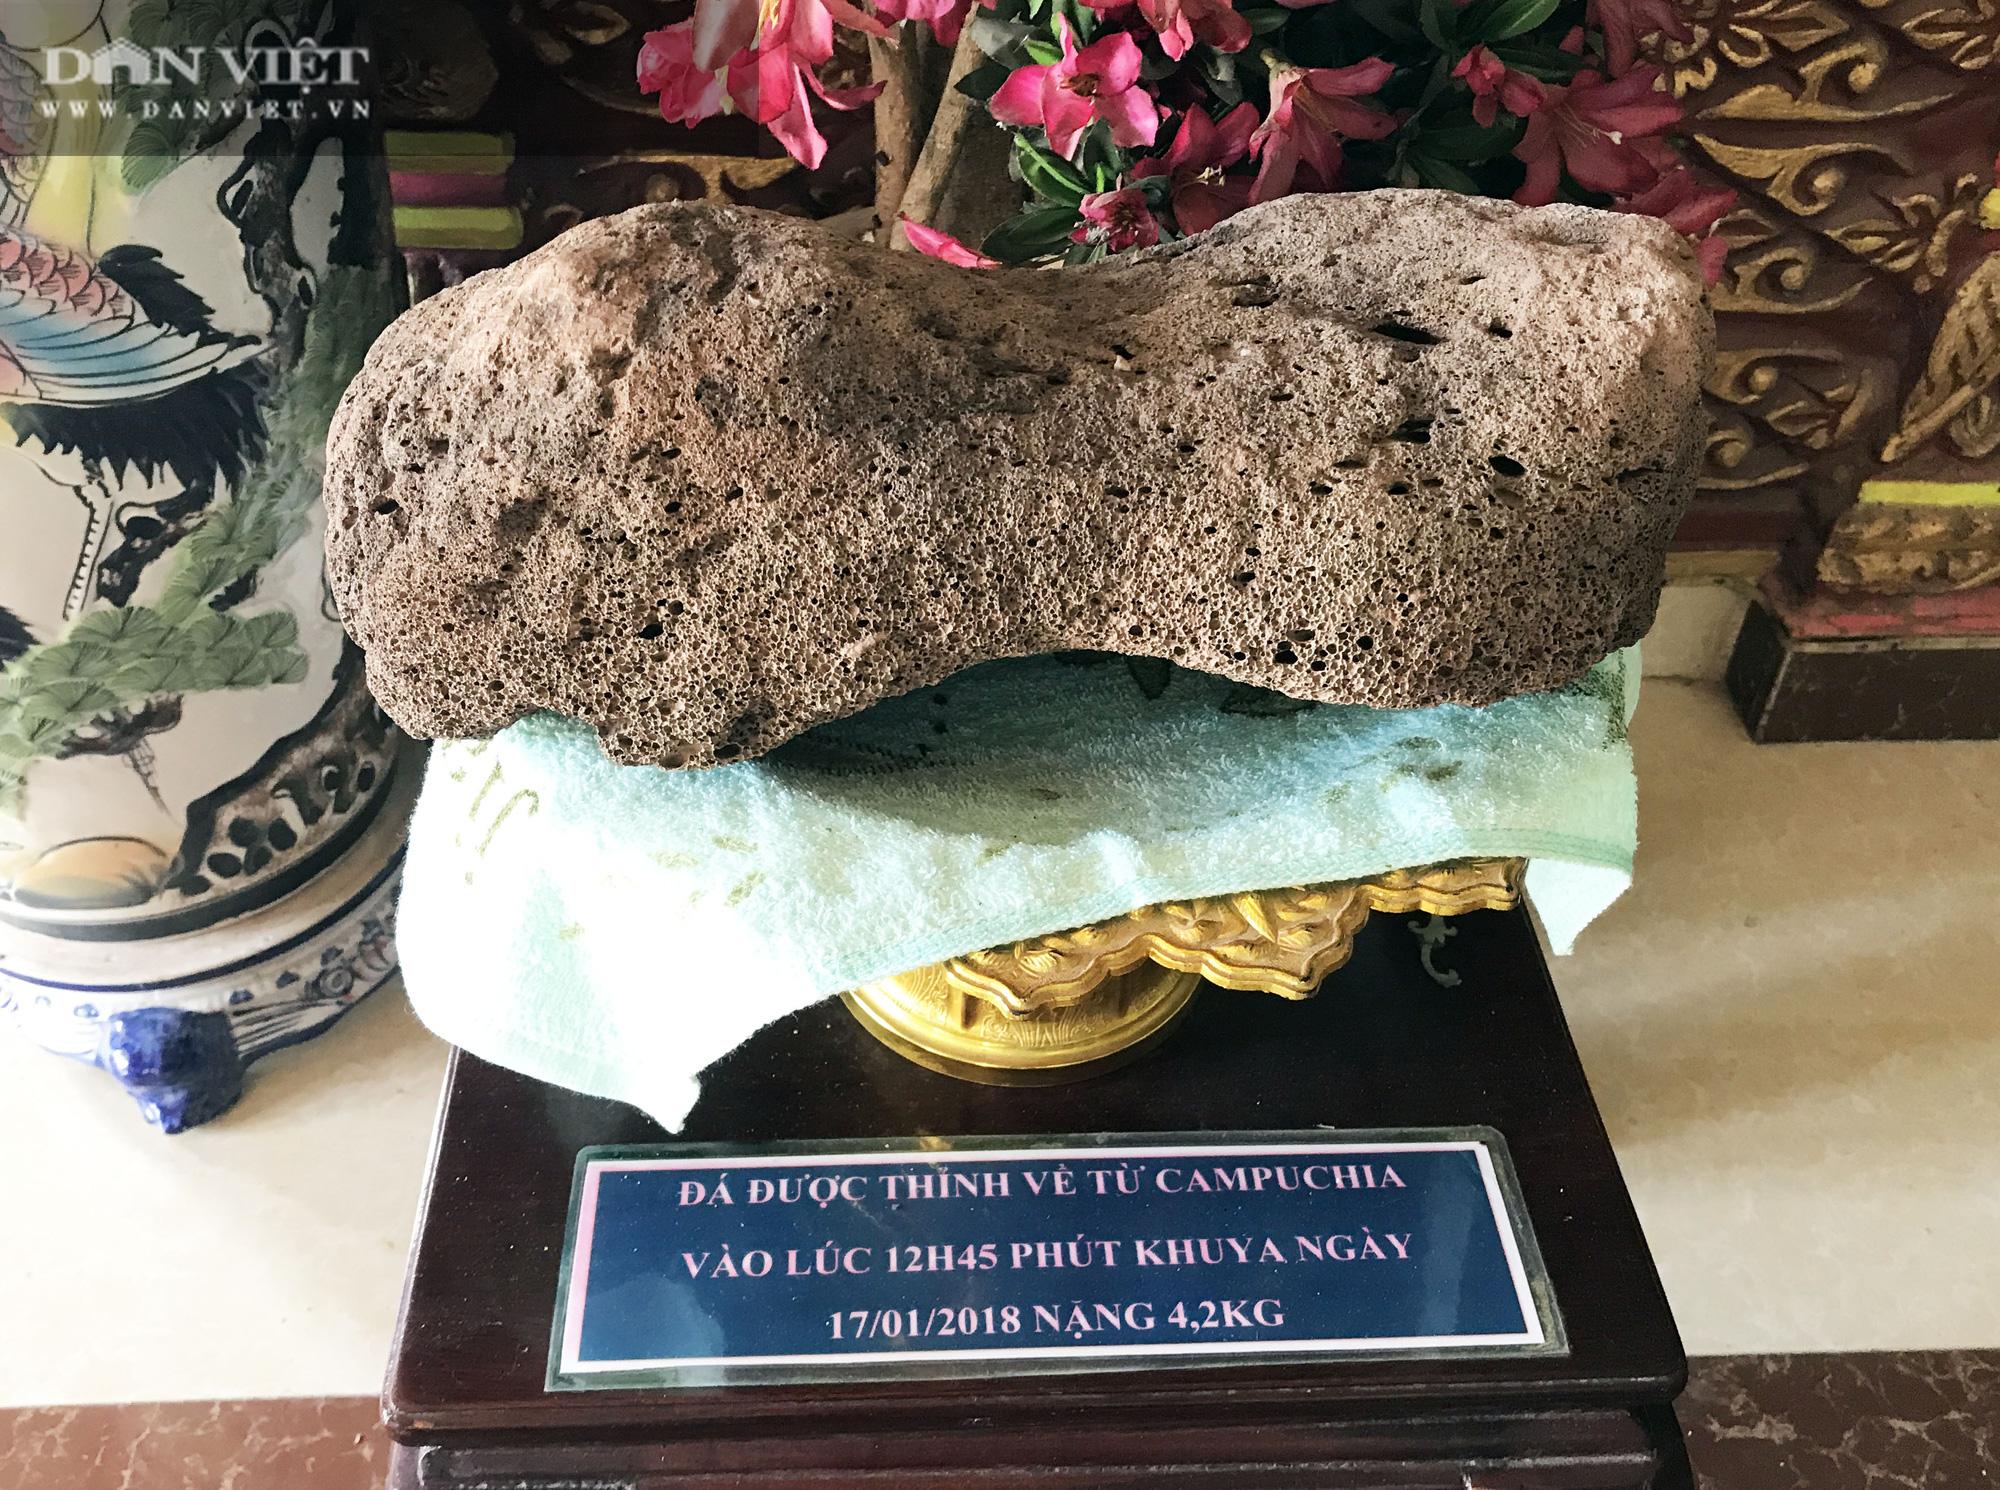 Chuyện lạ ở Sóc Trăng: Cặp đá nặng 4,2kg nổi được trên mặt nước  - Ảnh 3.